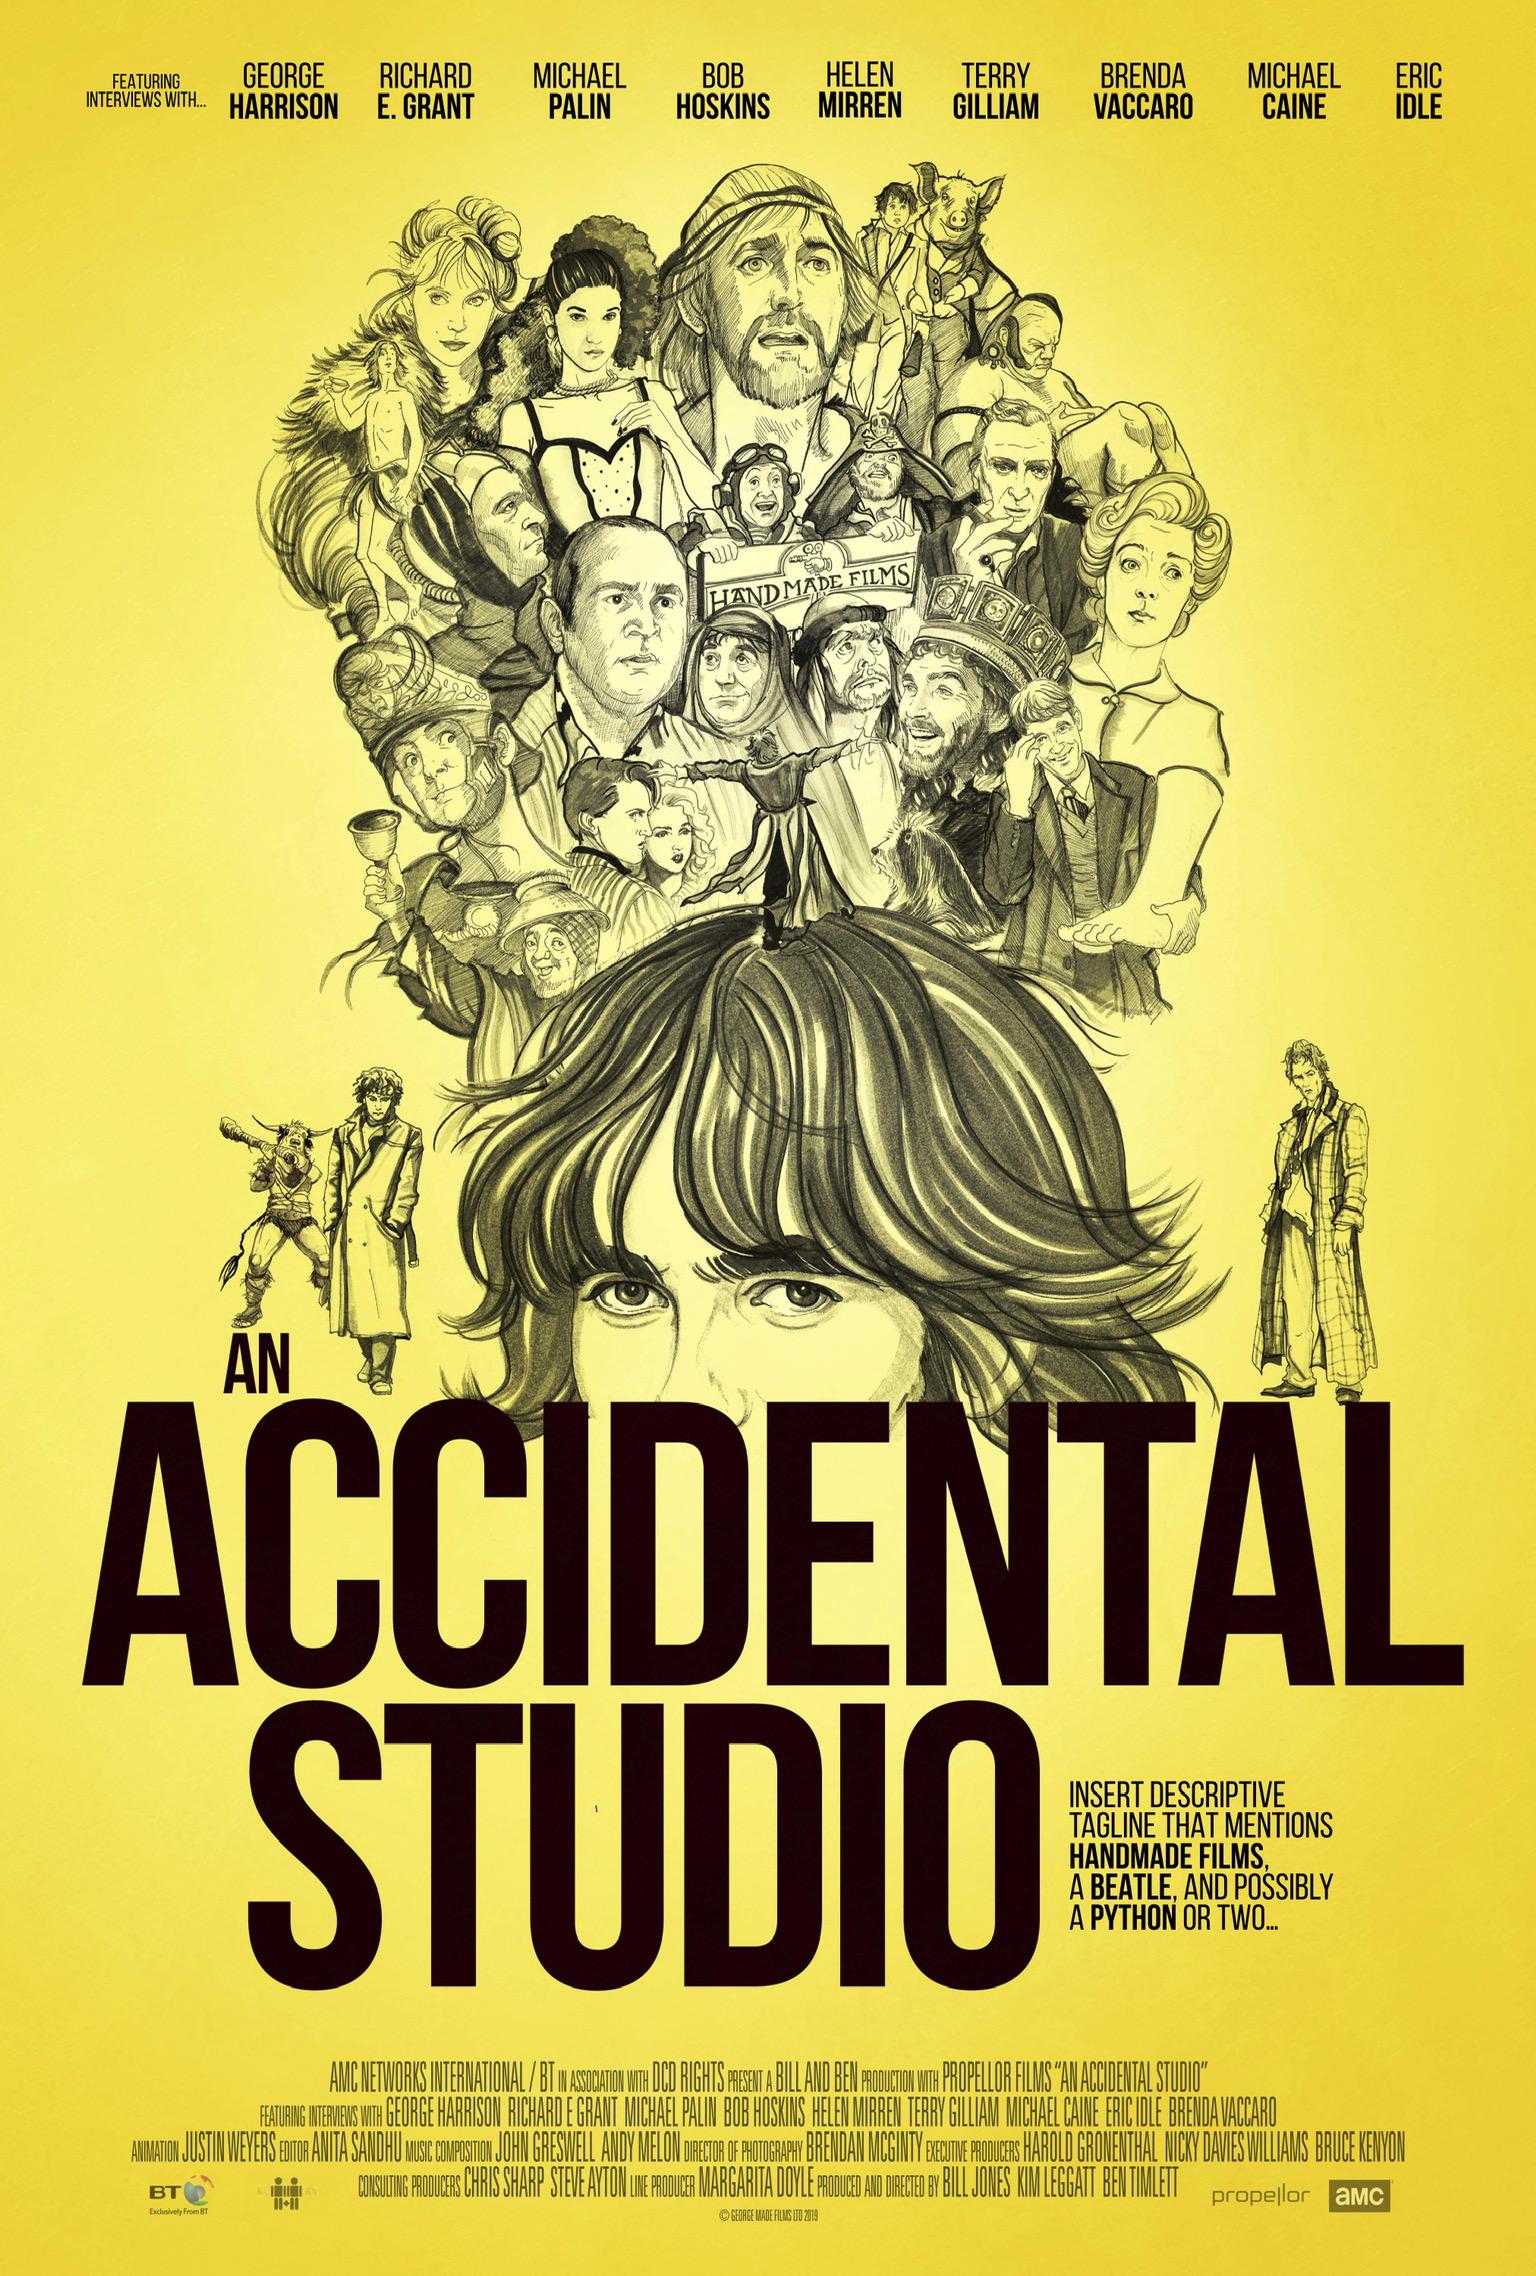 """The Beatles Polska: """"An Accidental Studio"""" - o tym jak George Harrison uratował brytyjskie kino"""